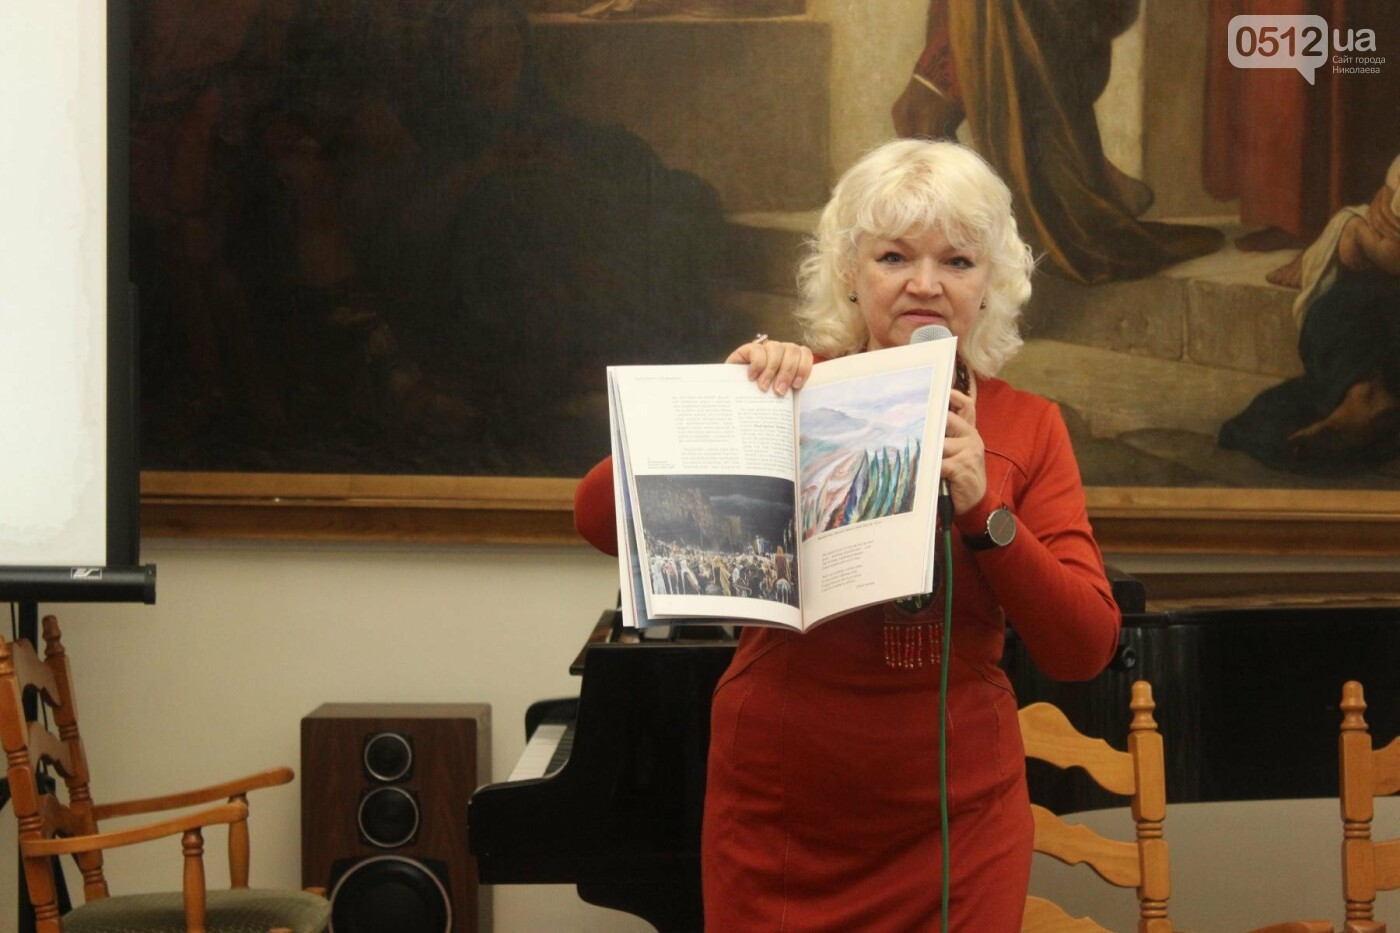 В Николаеве презентовали работы израильских художников к 175-ти летию Верещагина, - ФОТО, фото-11